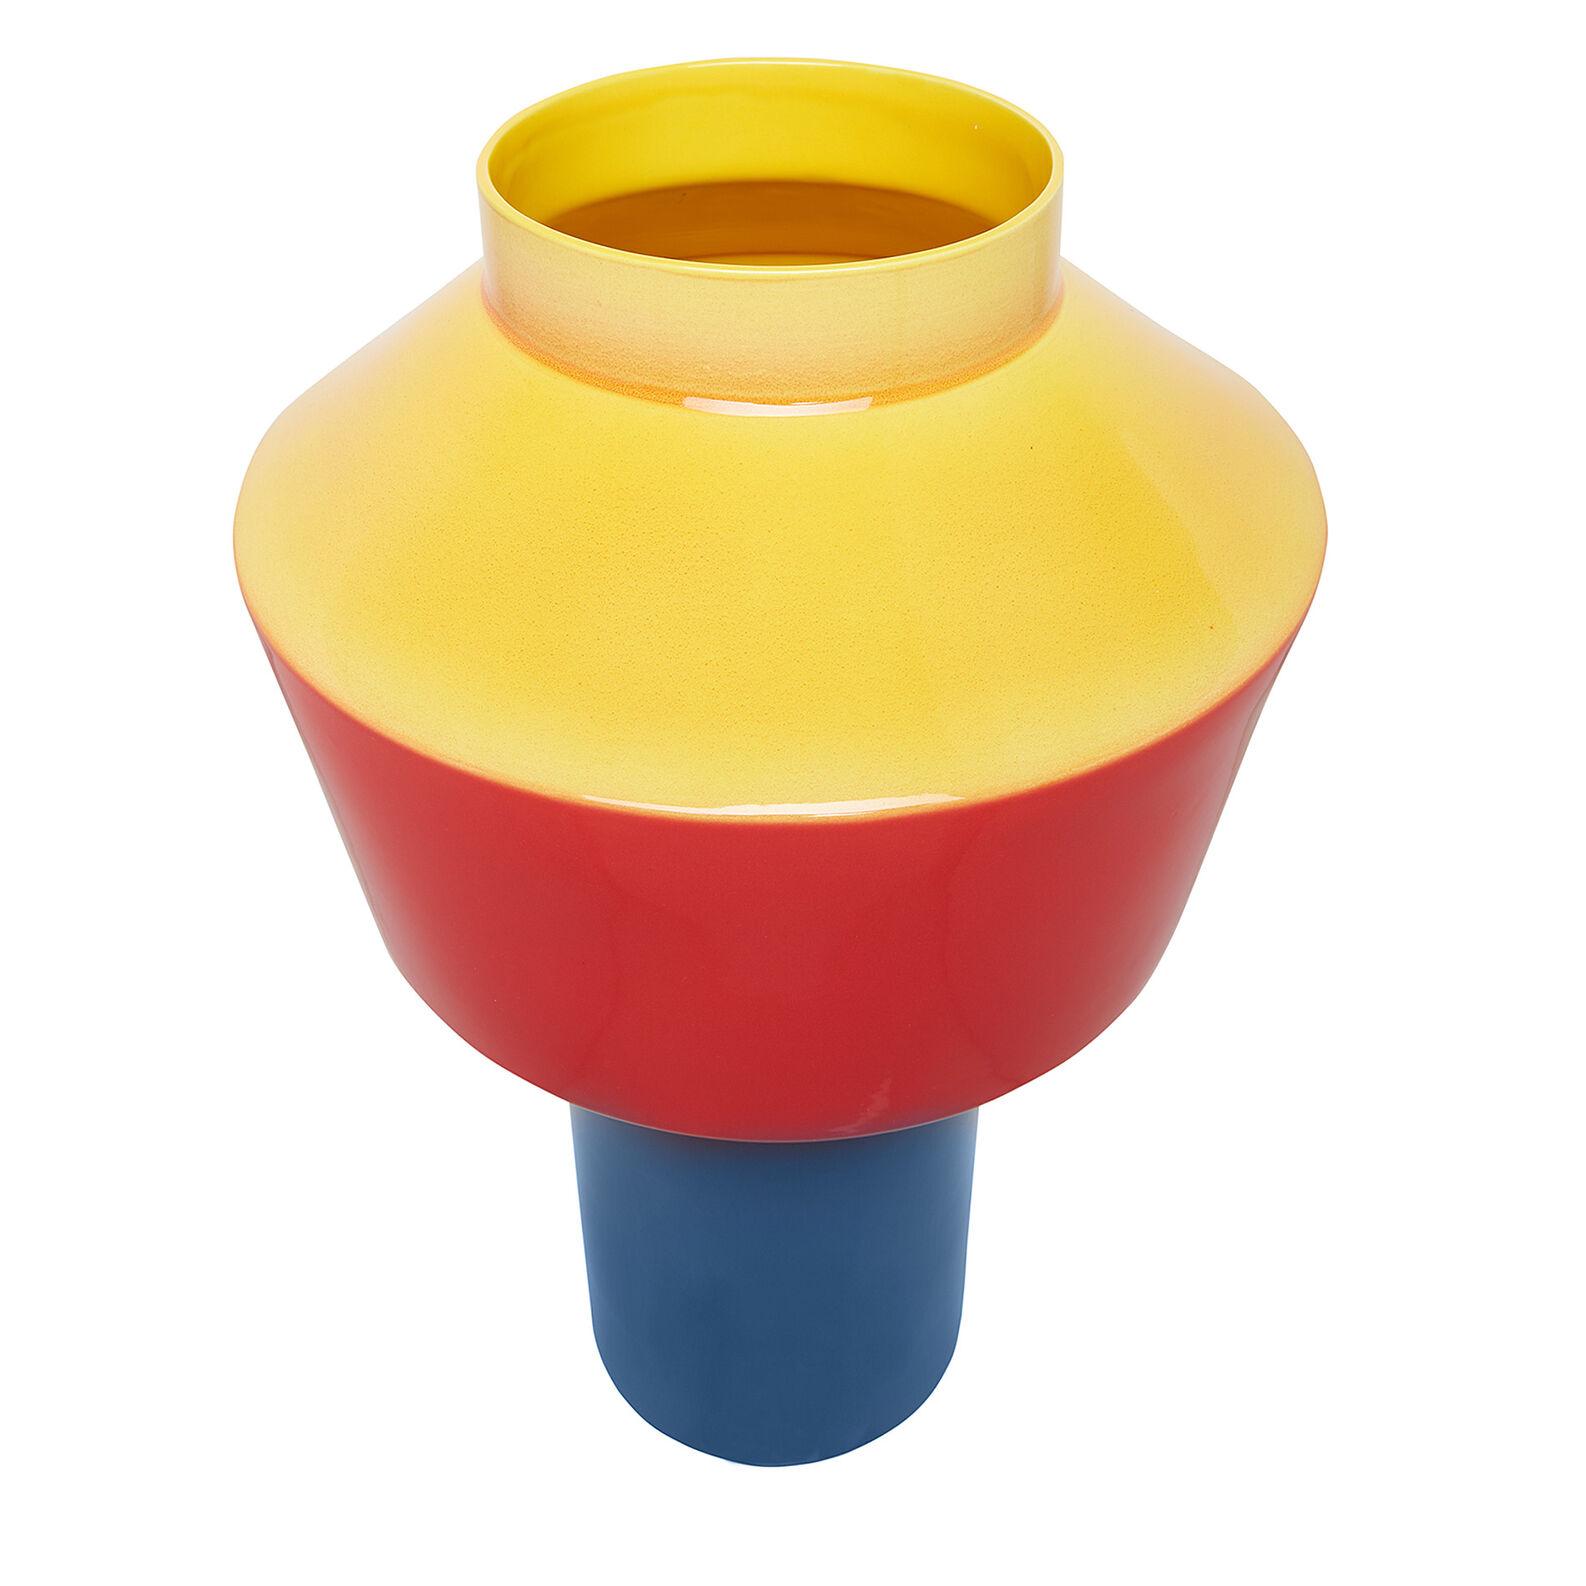 Maxi vase in Portuguese ceramic